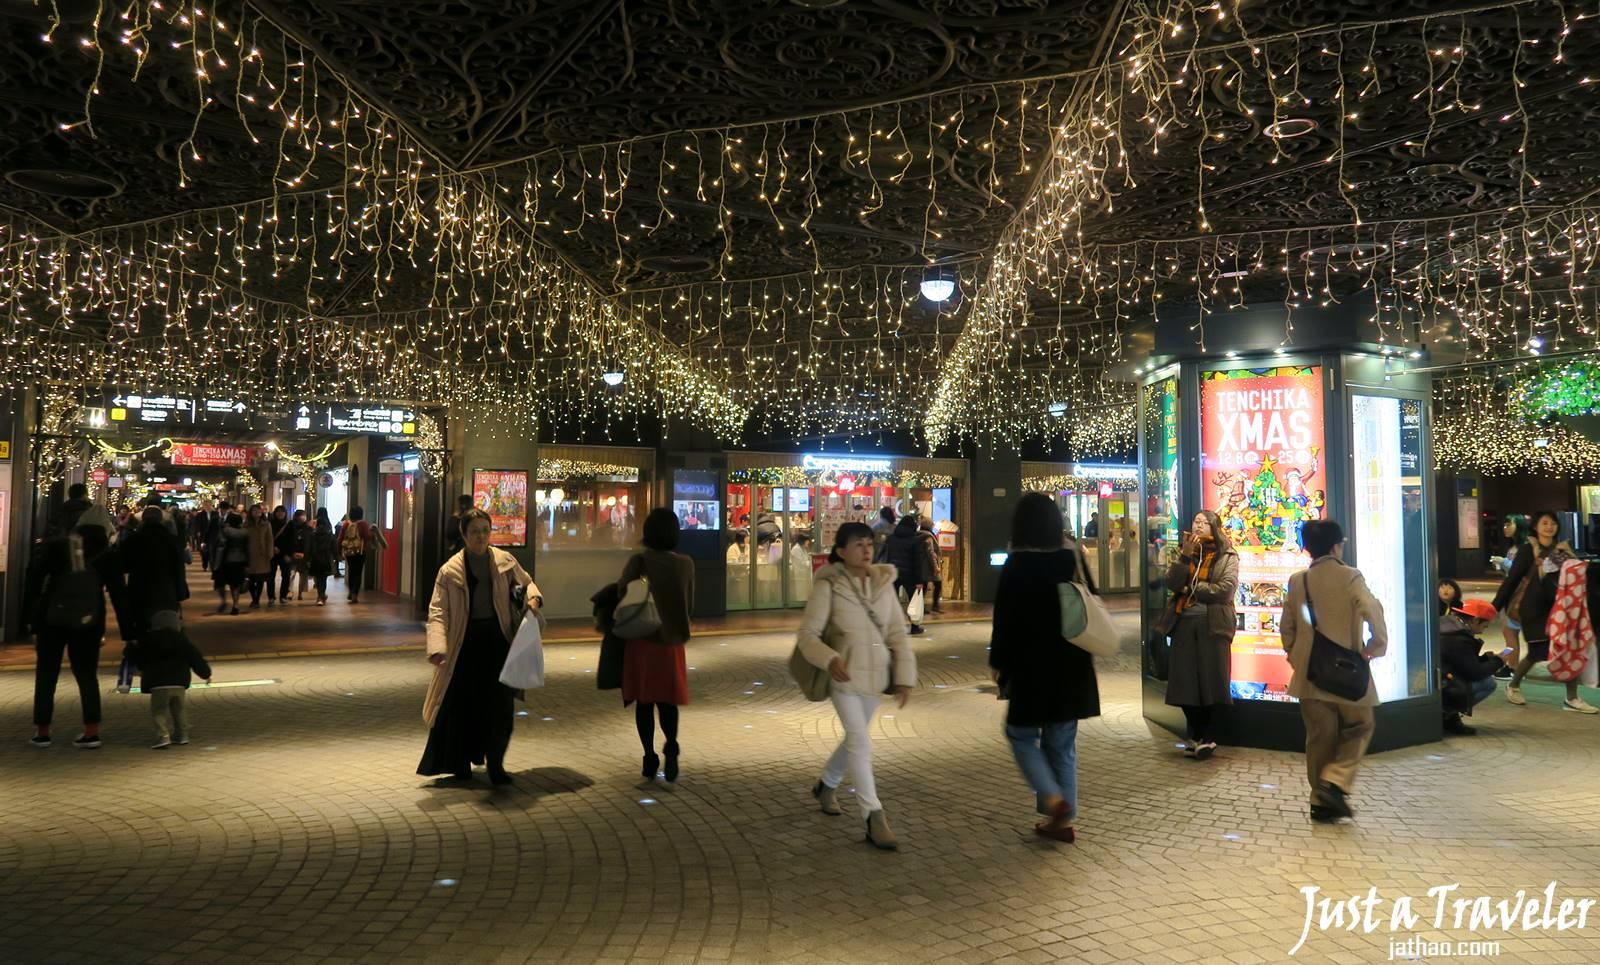 福岡-景點-推薦-天神地下街-福岡好玩景點-福岡必玩景點-福岡必去景點-福岡自由行景點-攻略-市區-郊區-福岡觀光景點-福岡旅遊景點-福岡旅行-福岡行程-Fukuoka-Tourist-Attraction